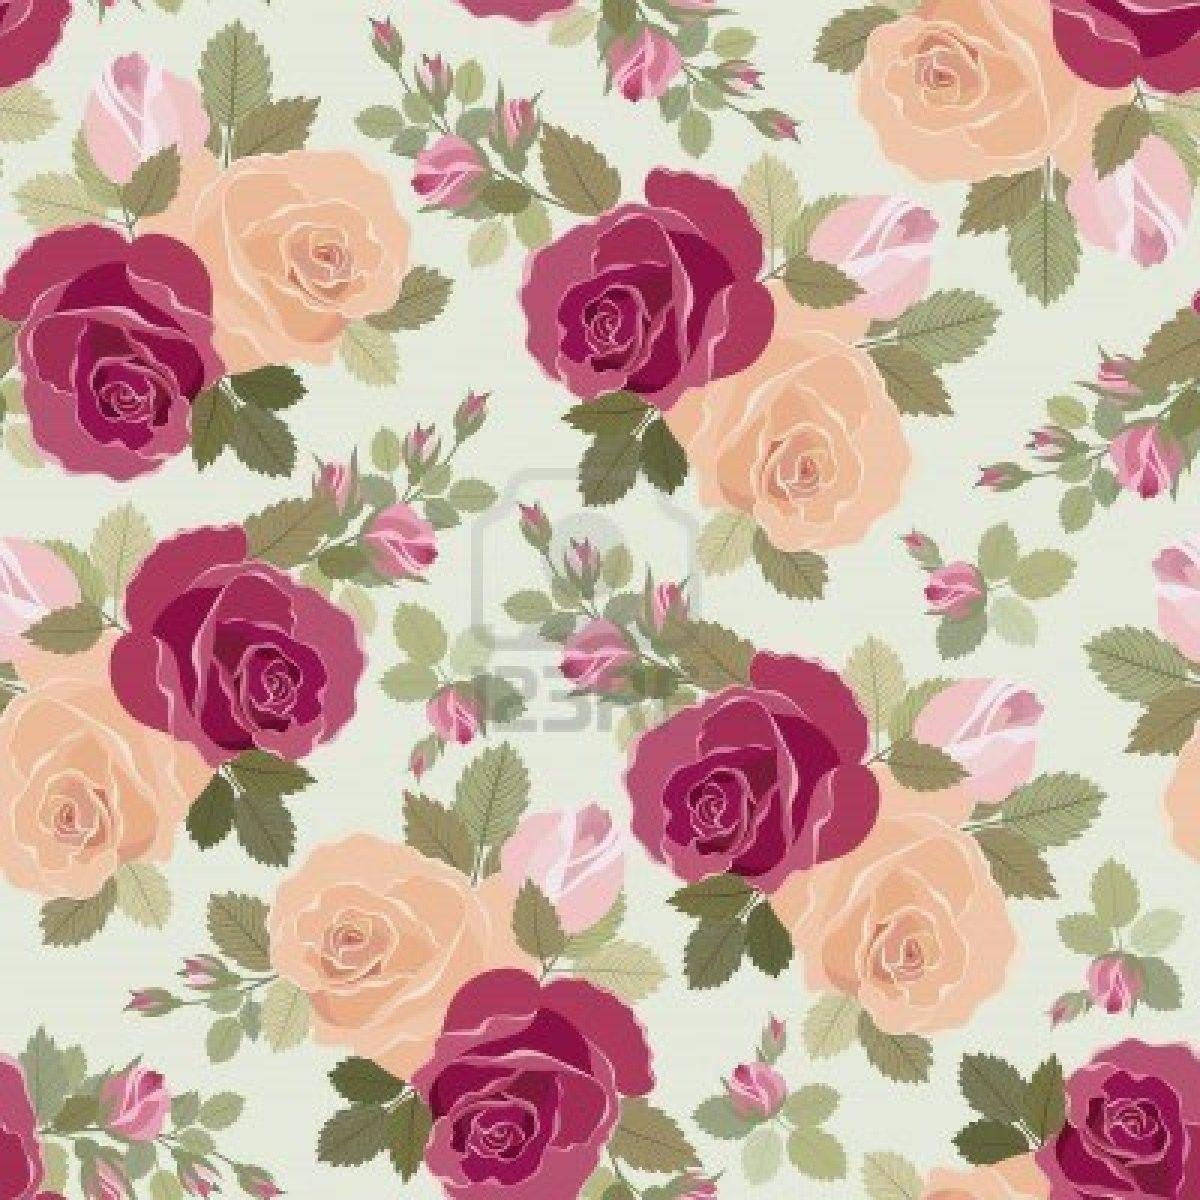 Pink Flower Wallpapers Wallpaper Hd Wallpapers Pinterest